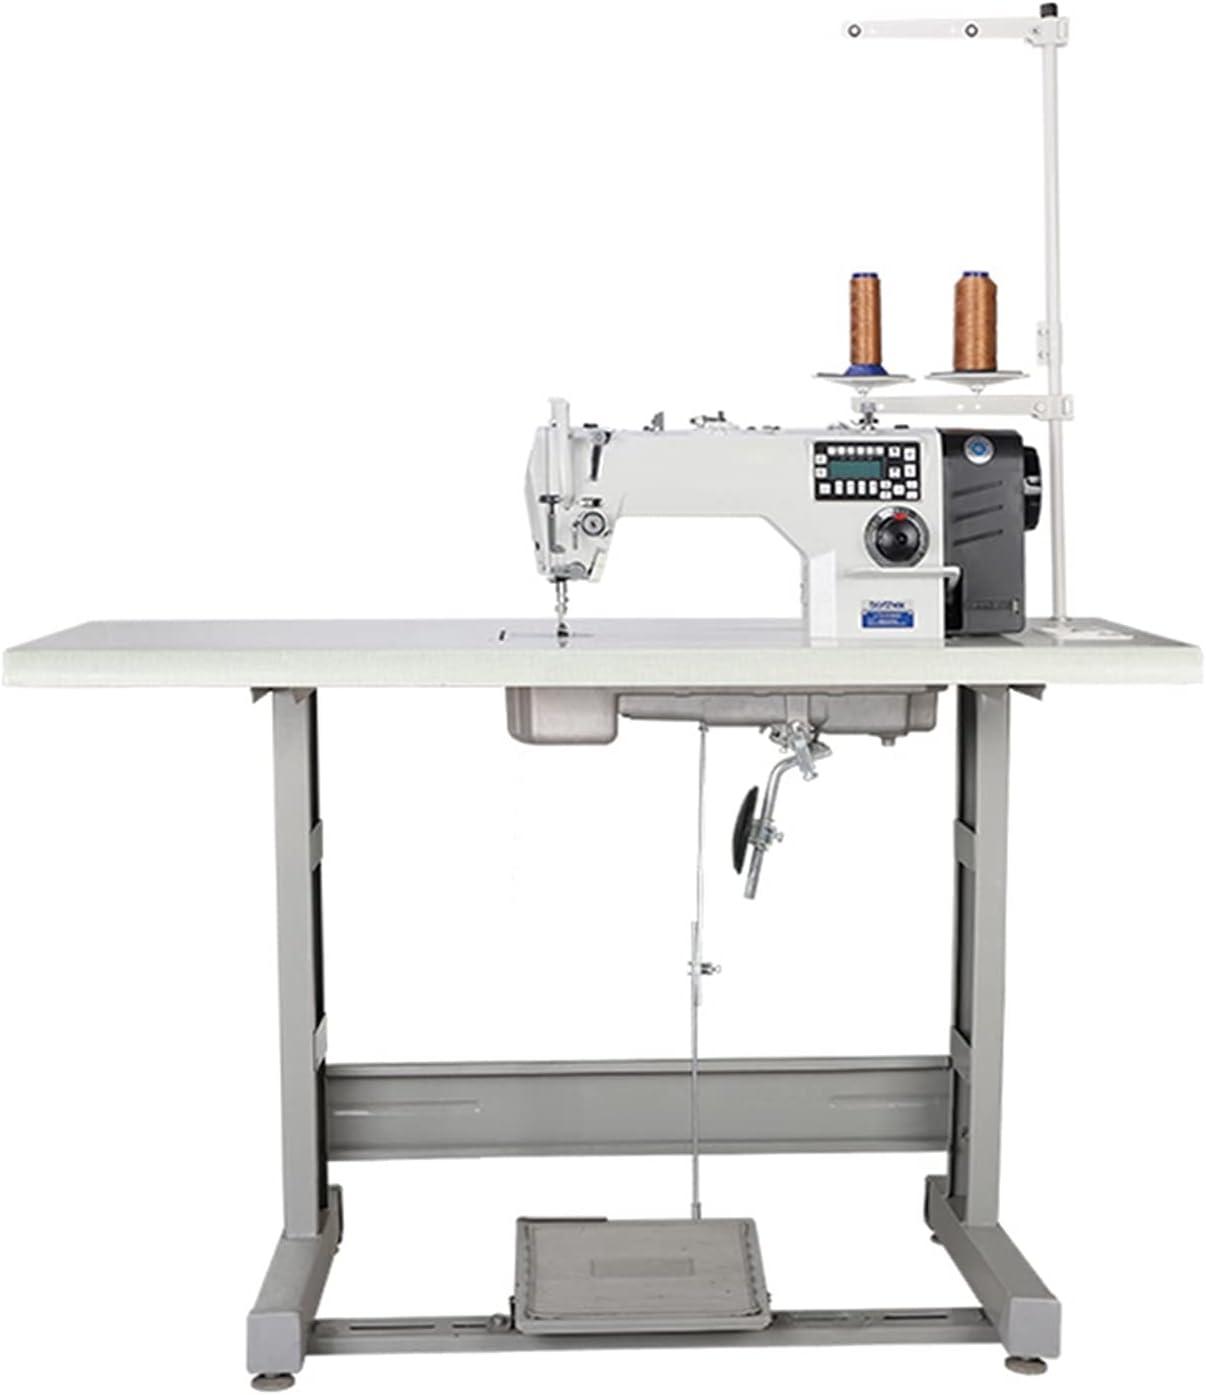 WEARRR Máquina de Coser eléctrica Plana computarizada Industrial, máquina de Coser de Bloqueo Directo Completamente automático. (Color : 4LINES)